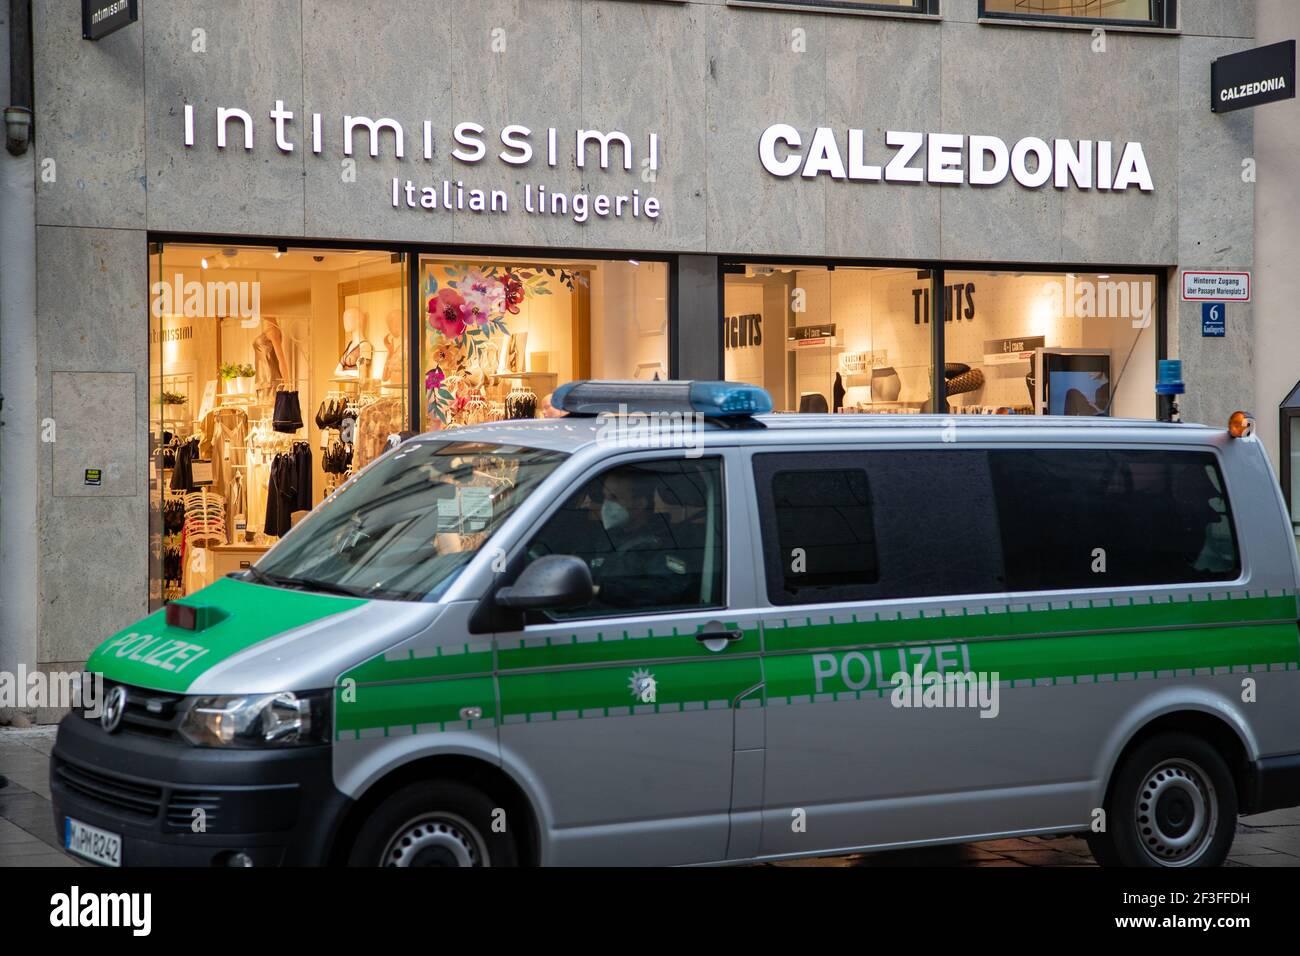 Schlange vor Intimissimo und Calzedonia während die Polizei dran vorbeifährt. Viele Menschen nutzen den Nachmittag am 16.3.2021, um in der Innenstadt von München einzukaufen. Da die Inzidenz in München weiter über 50 liegt und sogar stetig steigt, muss man zum Shoppen (in der Fußgängerzone) vorher einen Termin vereinbaren. - Many people use the occasion on March 16 2021 to shop in Munich downtown. As the incidence is over 50 and is rising, one has to register before buying. (Photo by Alexander Pohl/Sipa USA) Credit: Sipa USA/Alamy Live News Stock Photo